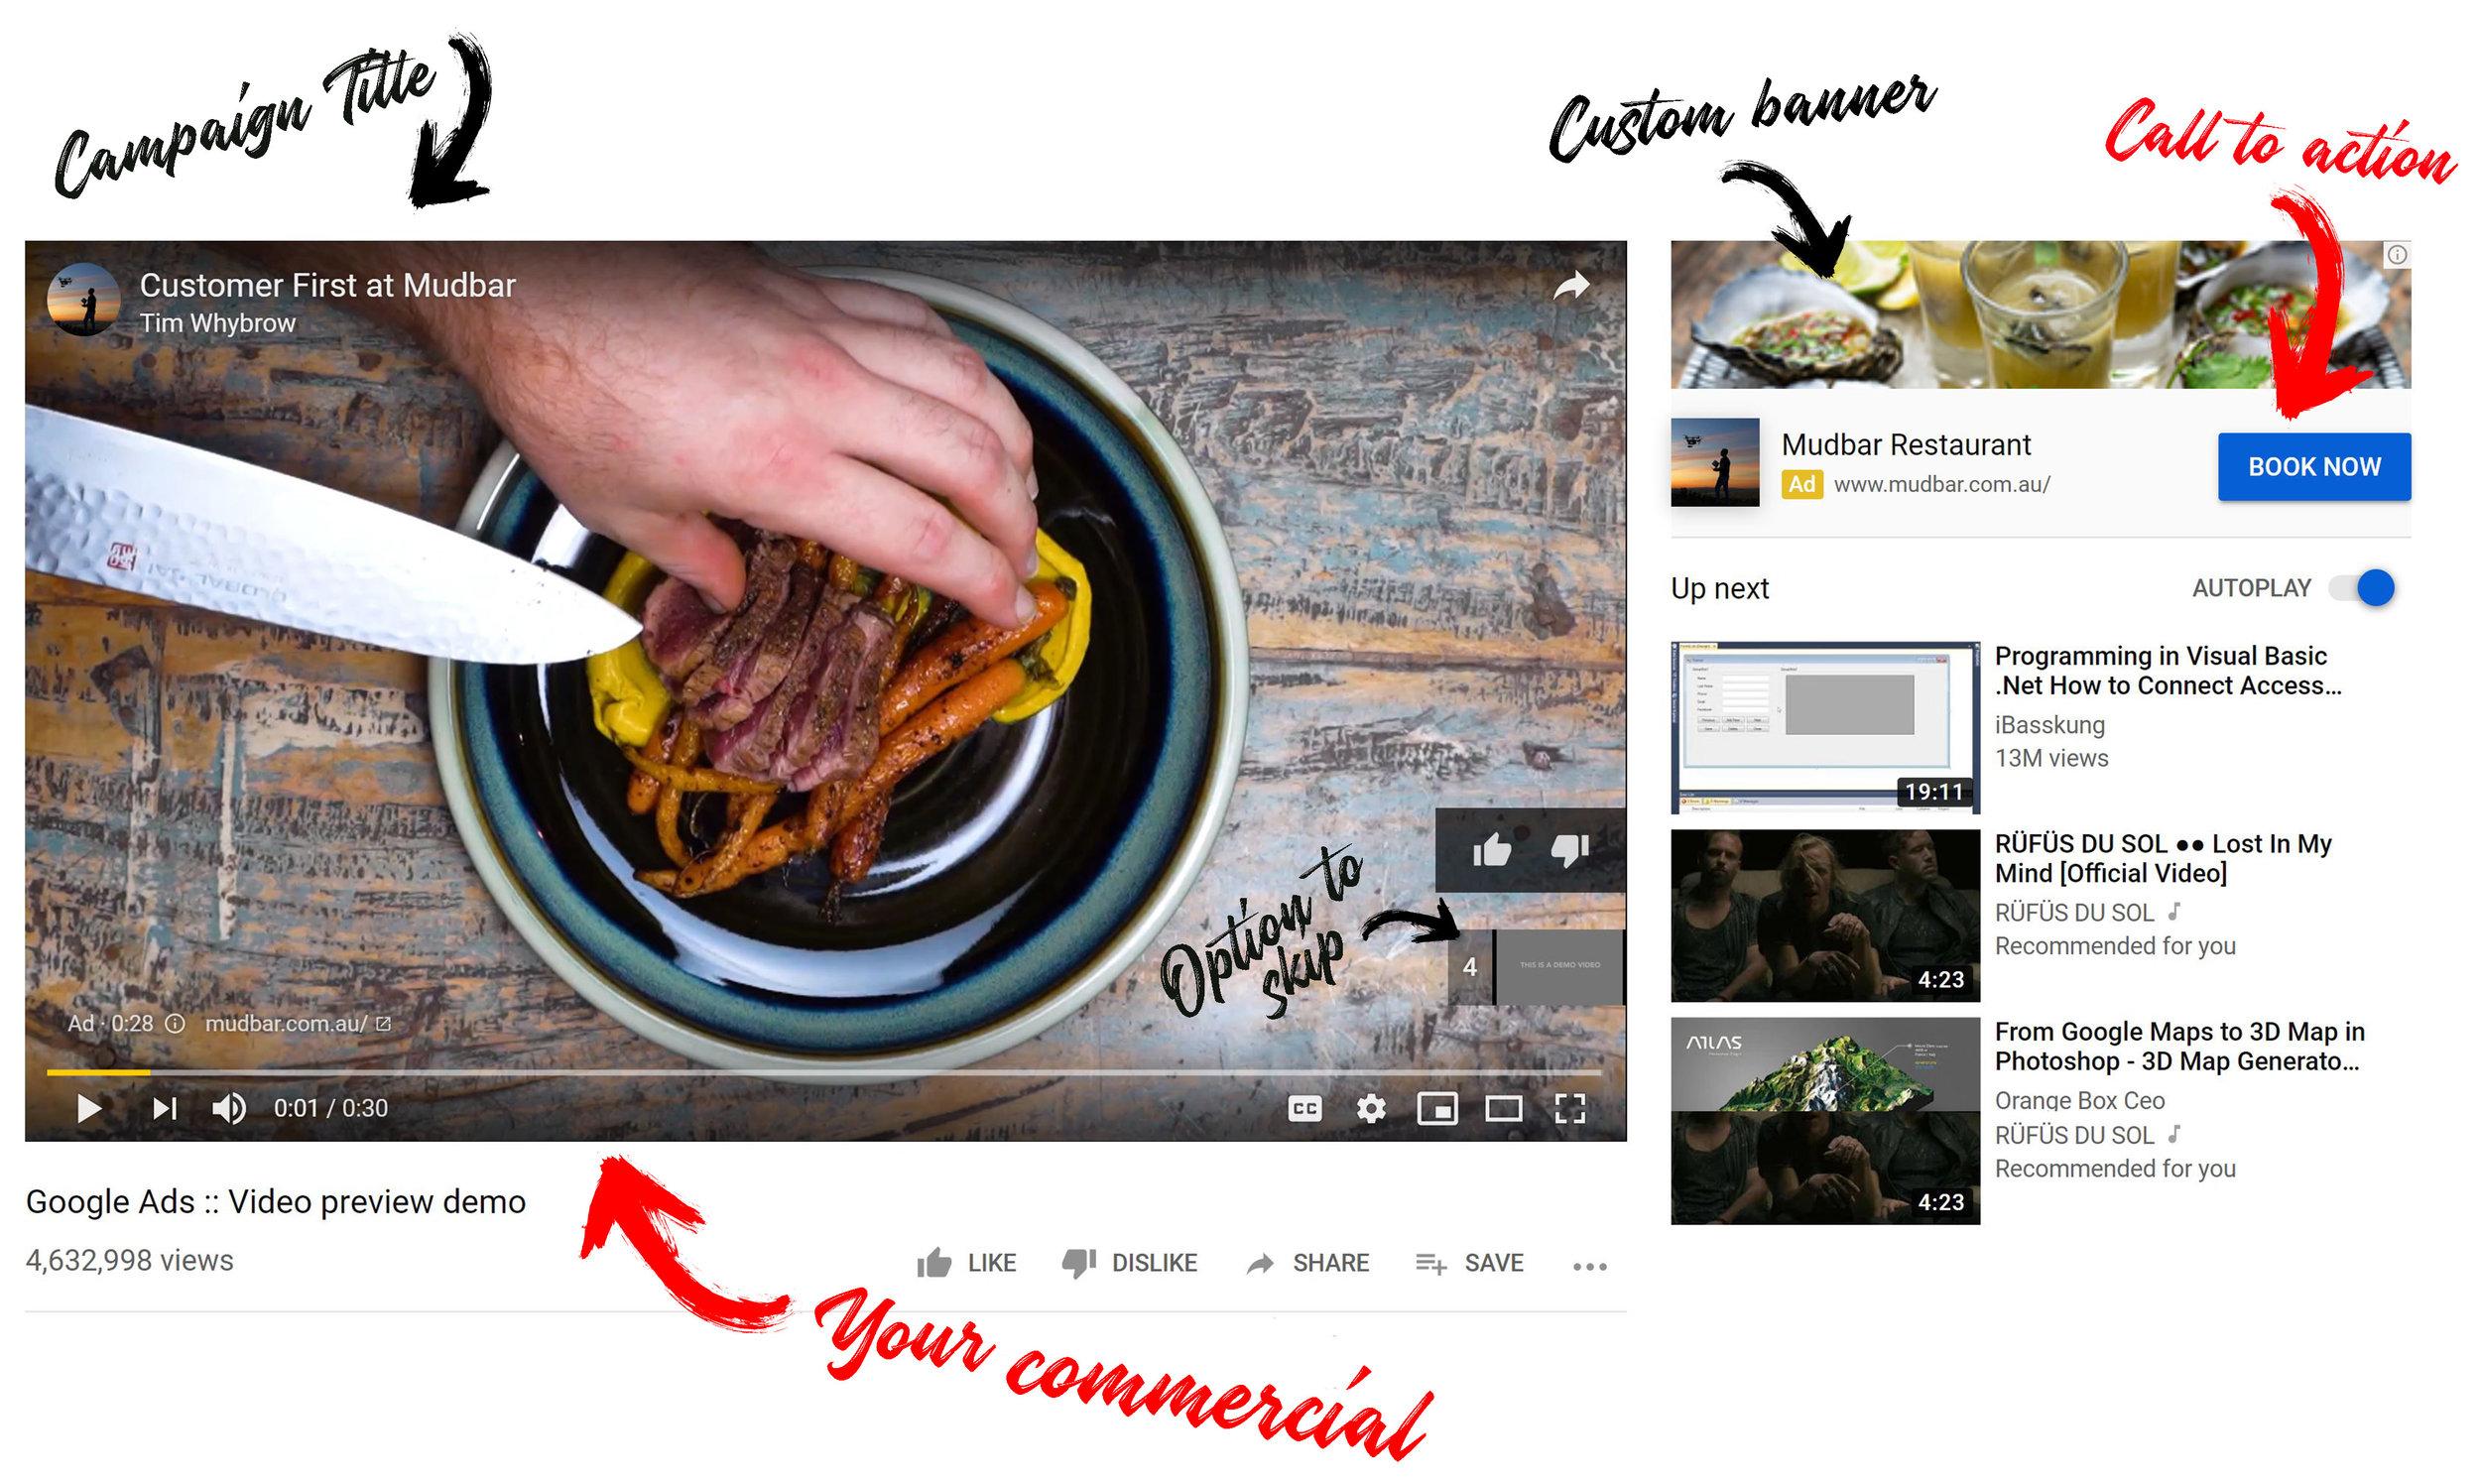 YouTube advertising tasmania